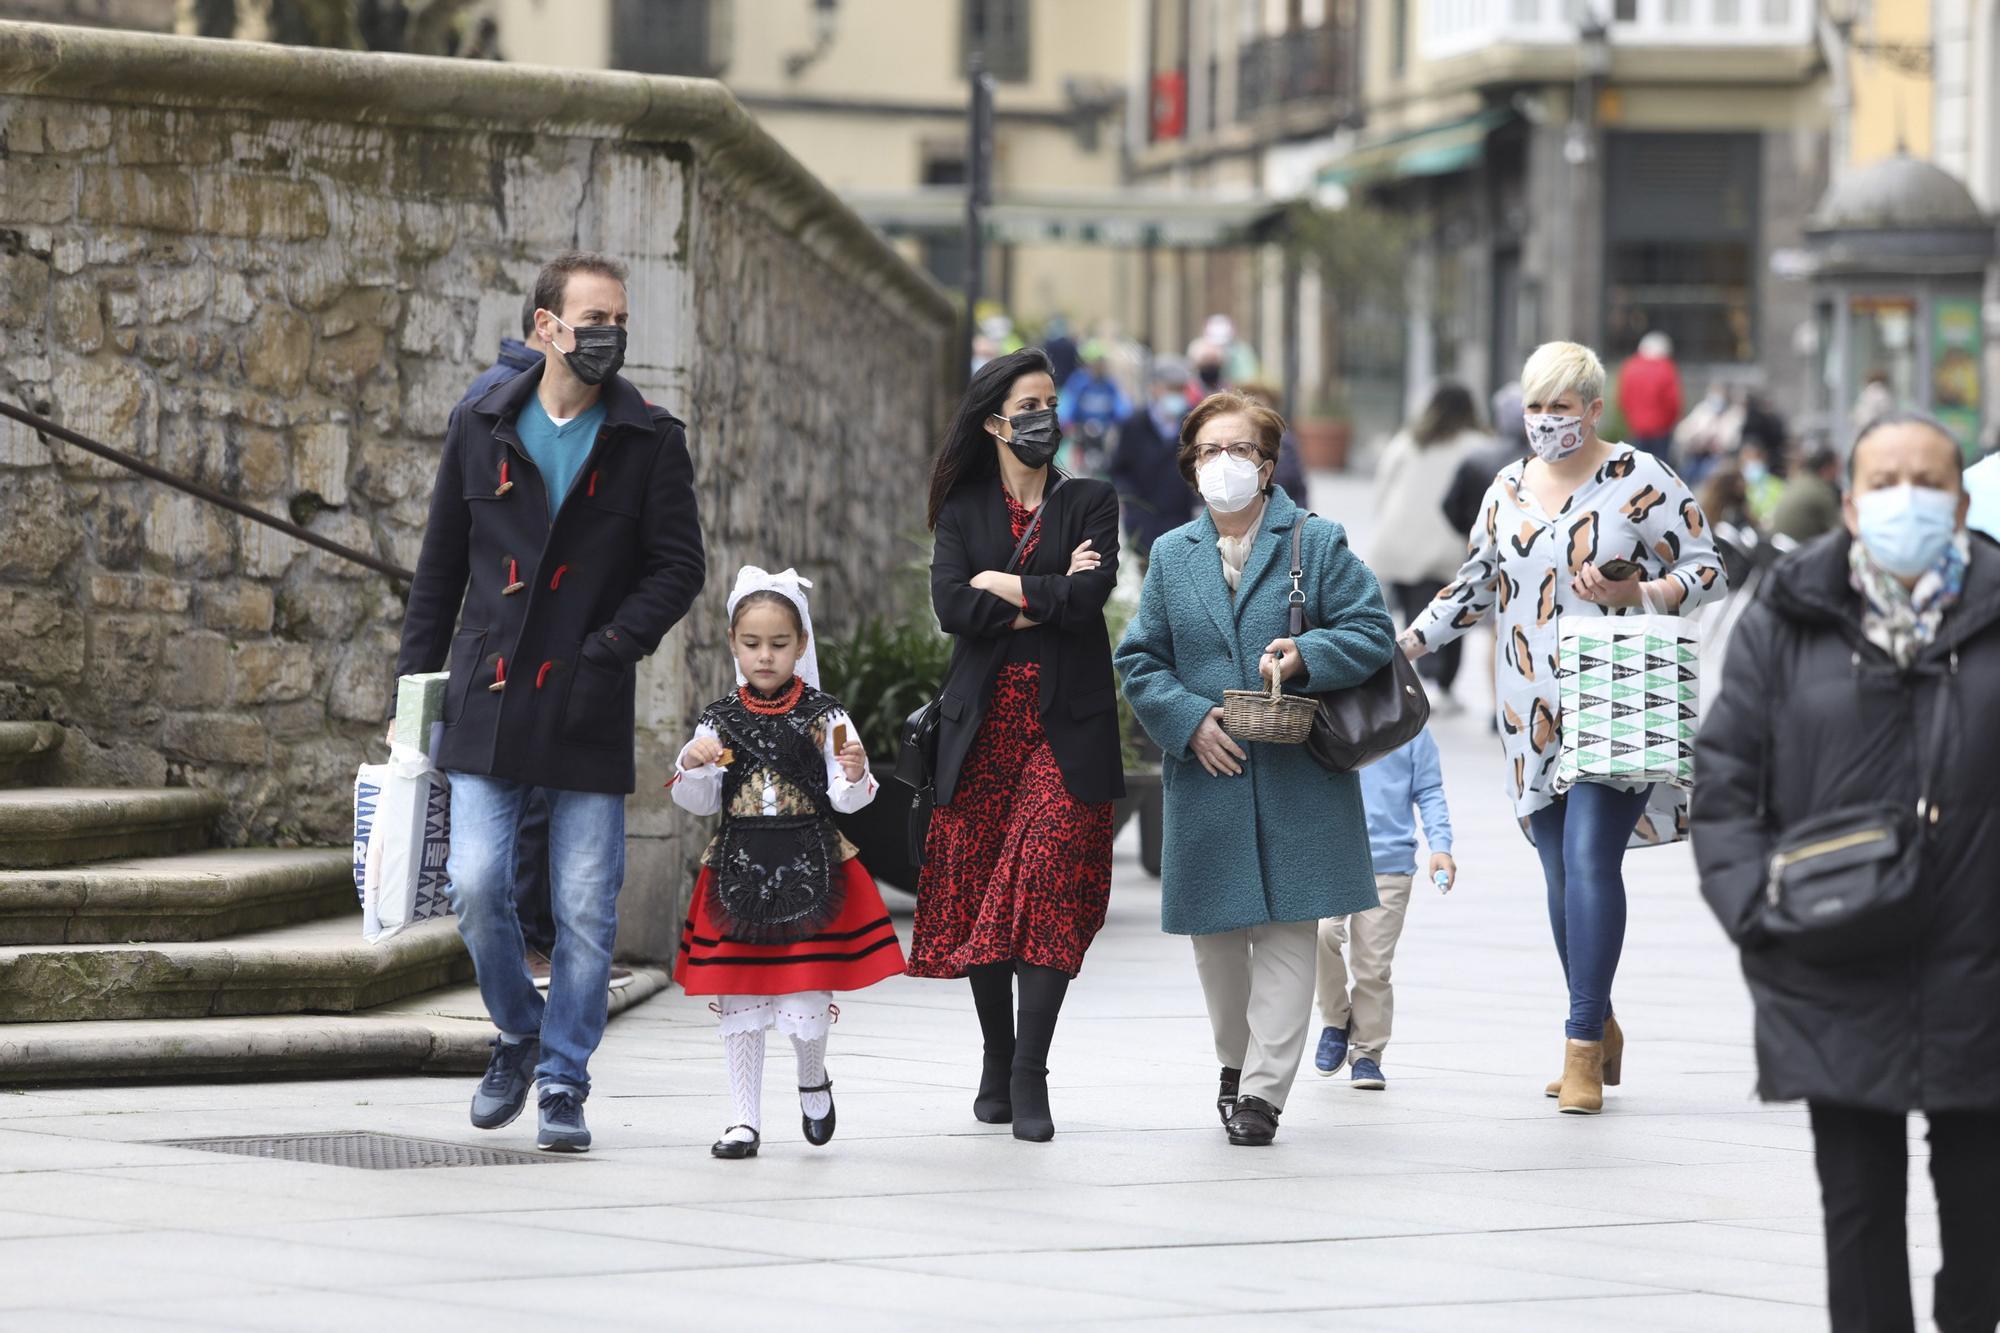 En imágenes: ambiente del día del bollo en Avilés